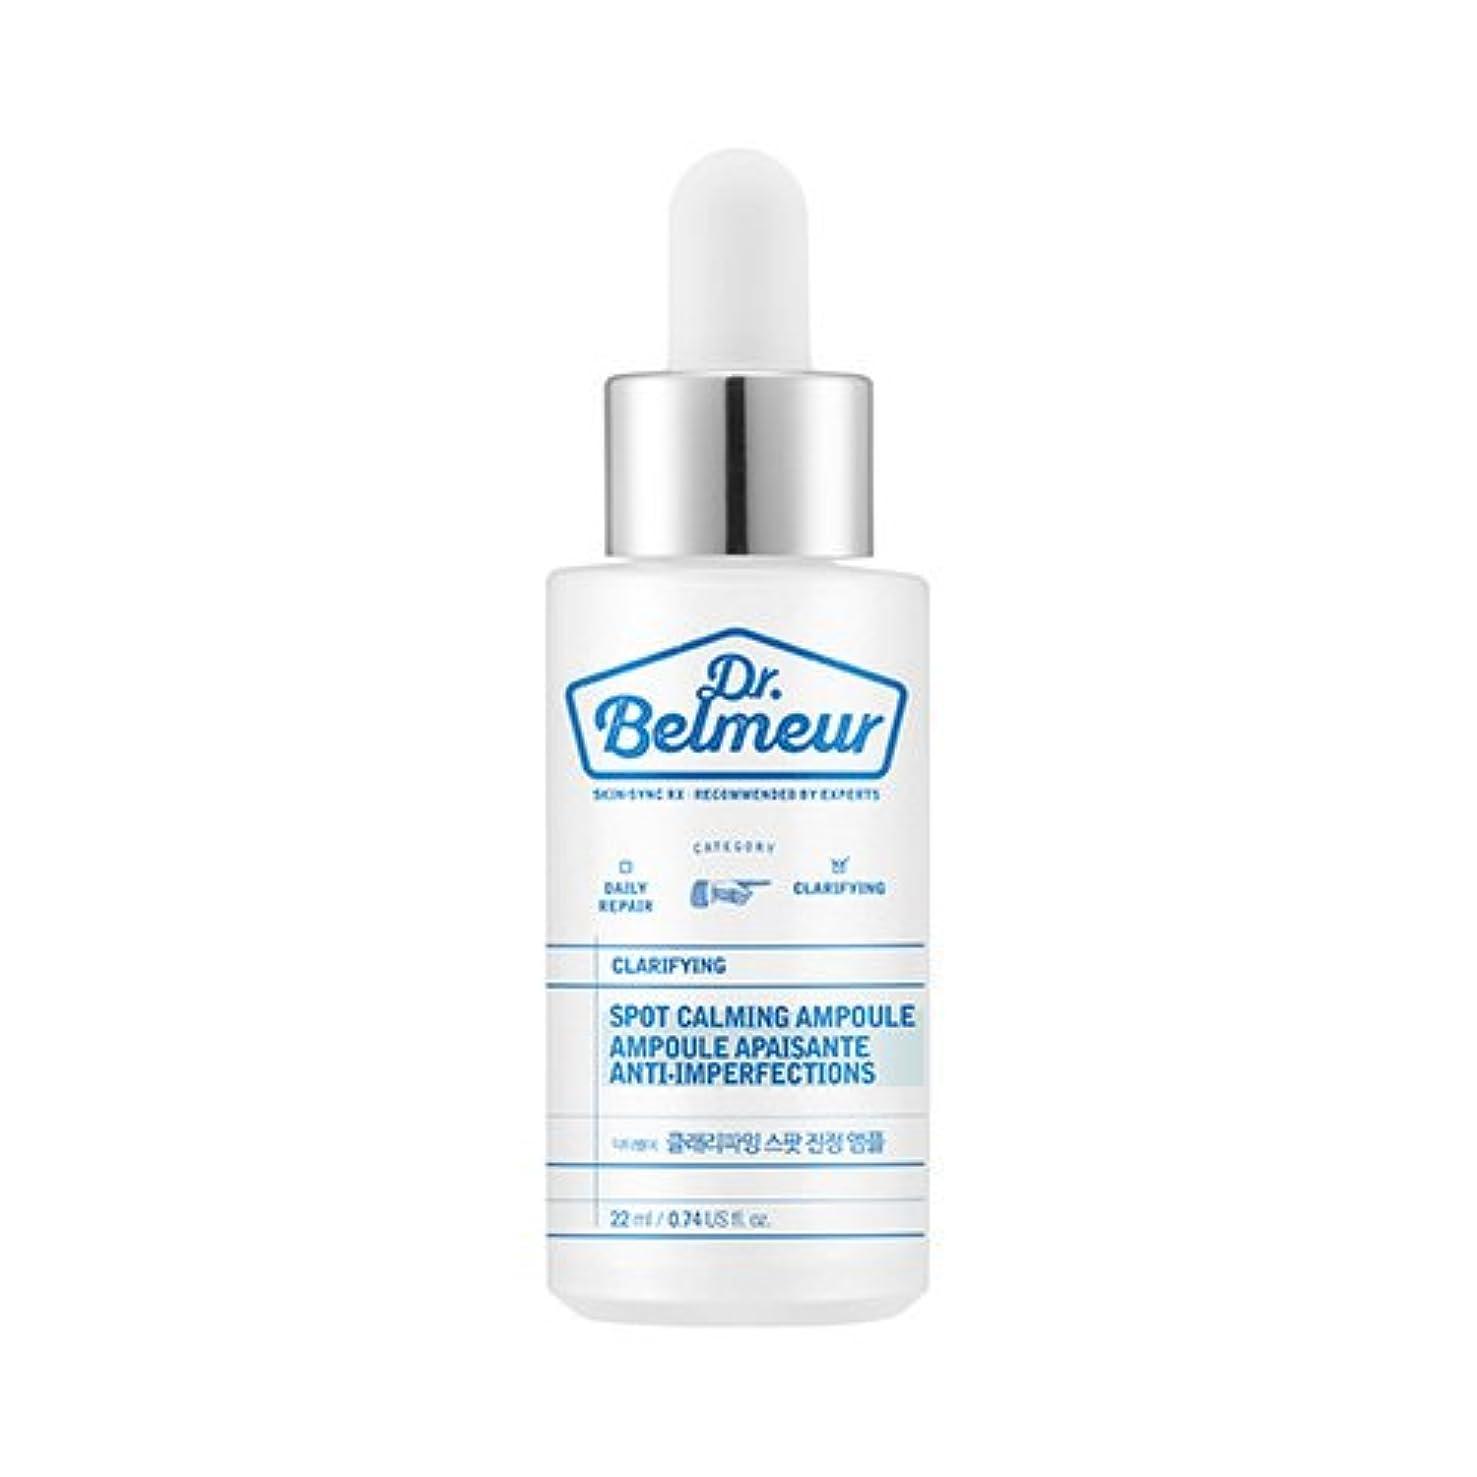 例ポインタ首謀者THE FACE SHOP Dr.Belmeur Clarifying Spot Calming Ampoule 22ml/ザフェイスショップ ドクターベルムール クラリファイング スポット カーミング アンプル 22ml